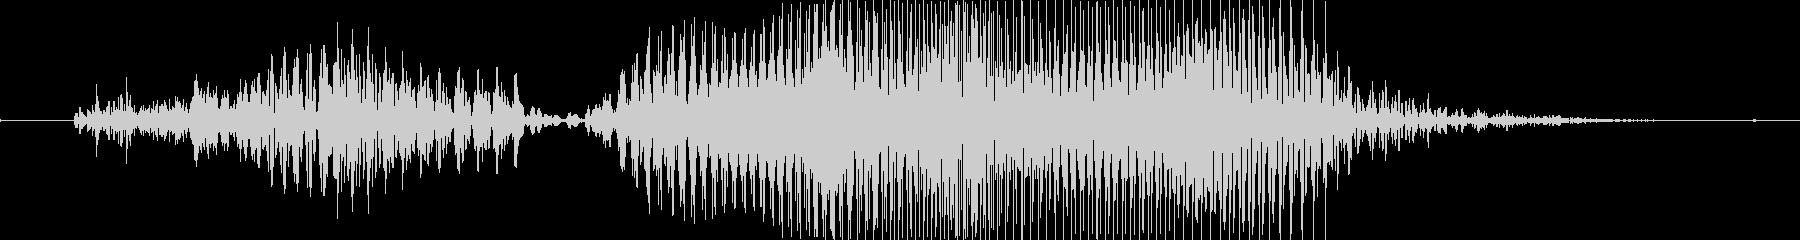 クリア!の未再生の波形